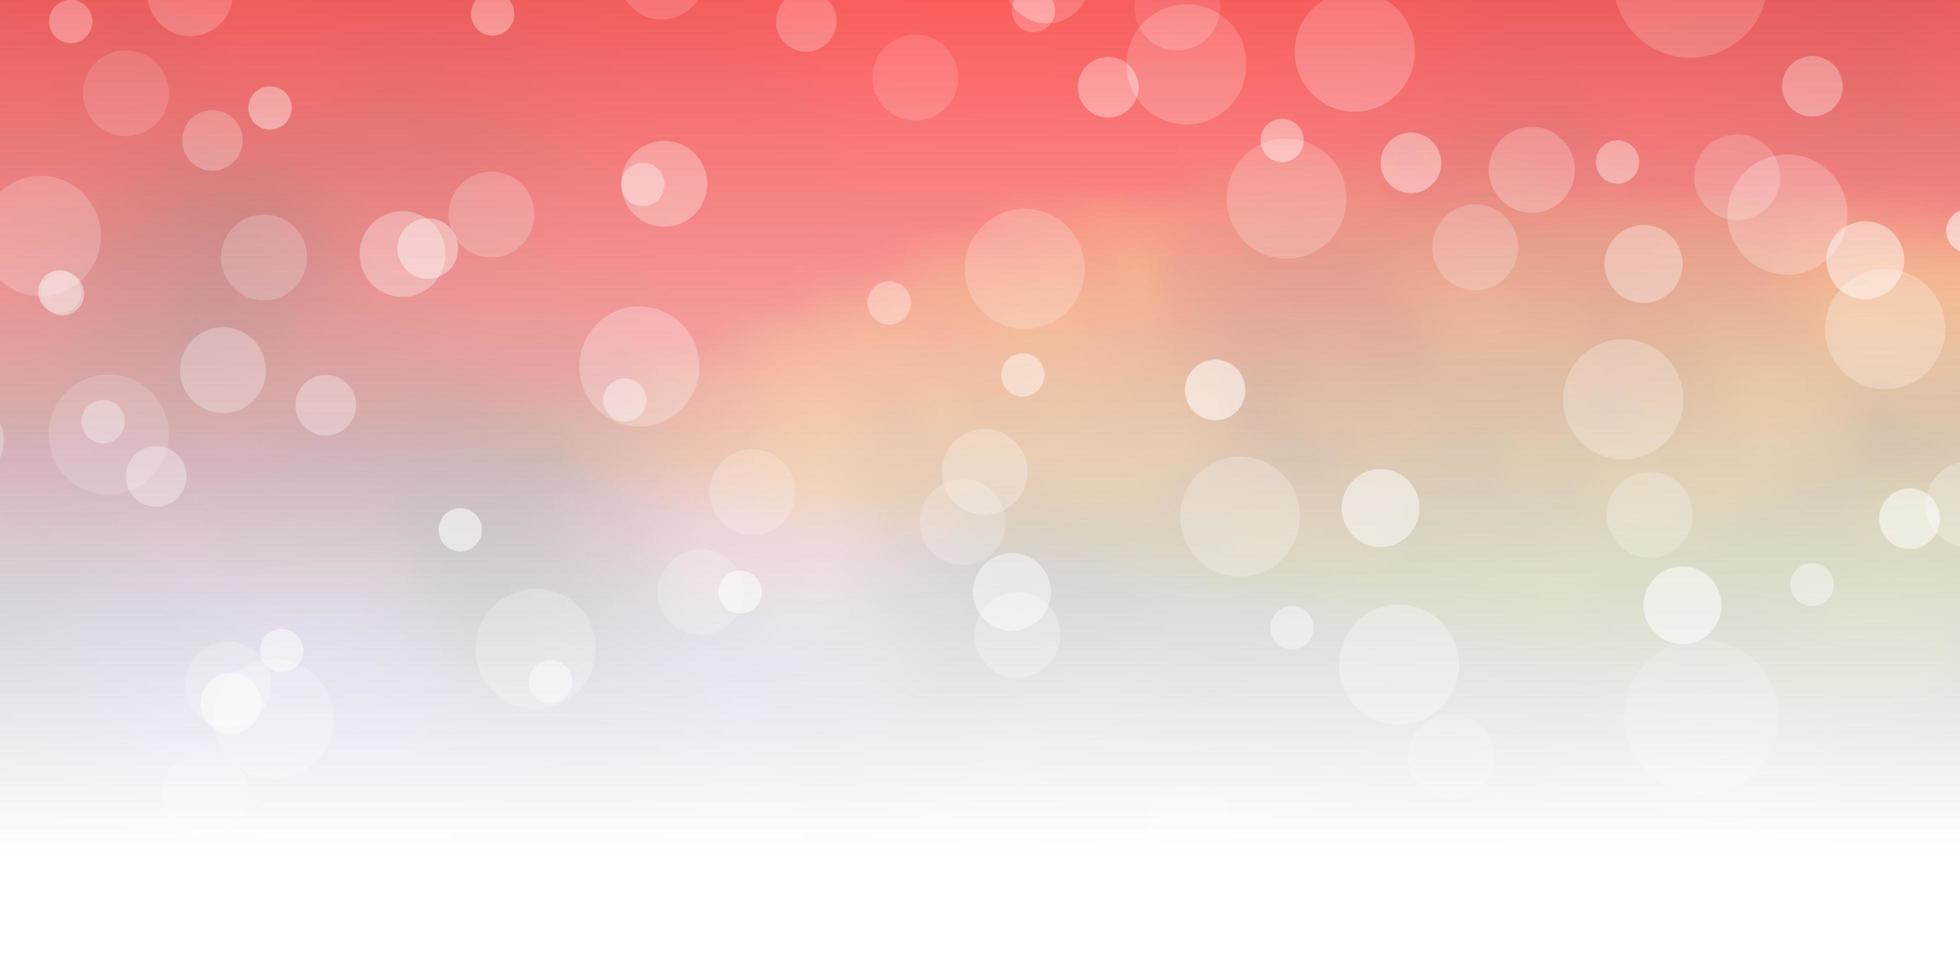 donkerrode, gele vectorachtergrond met cirkels. vector